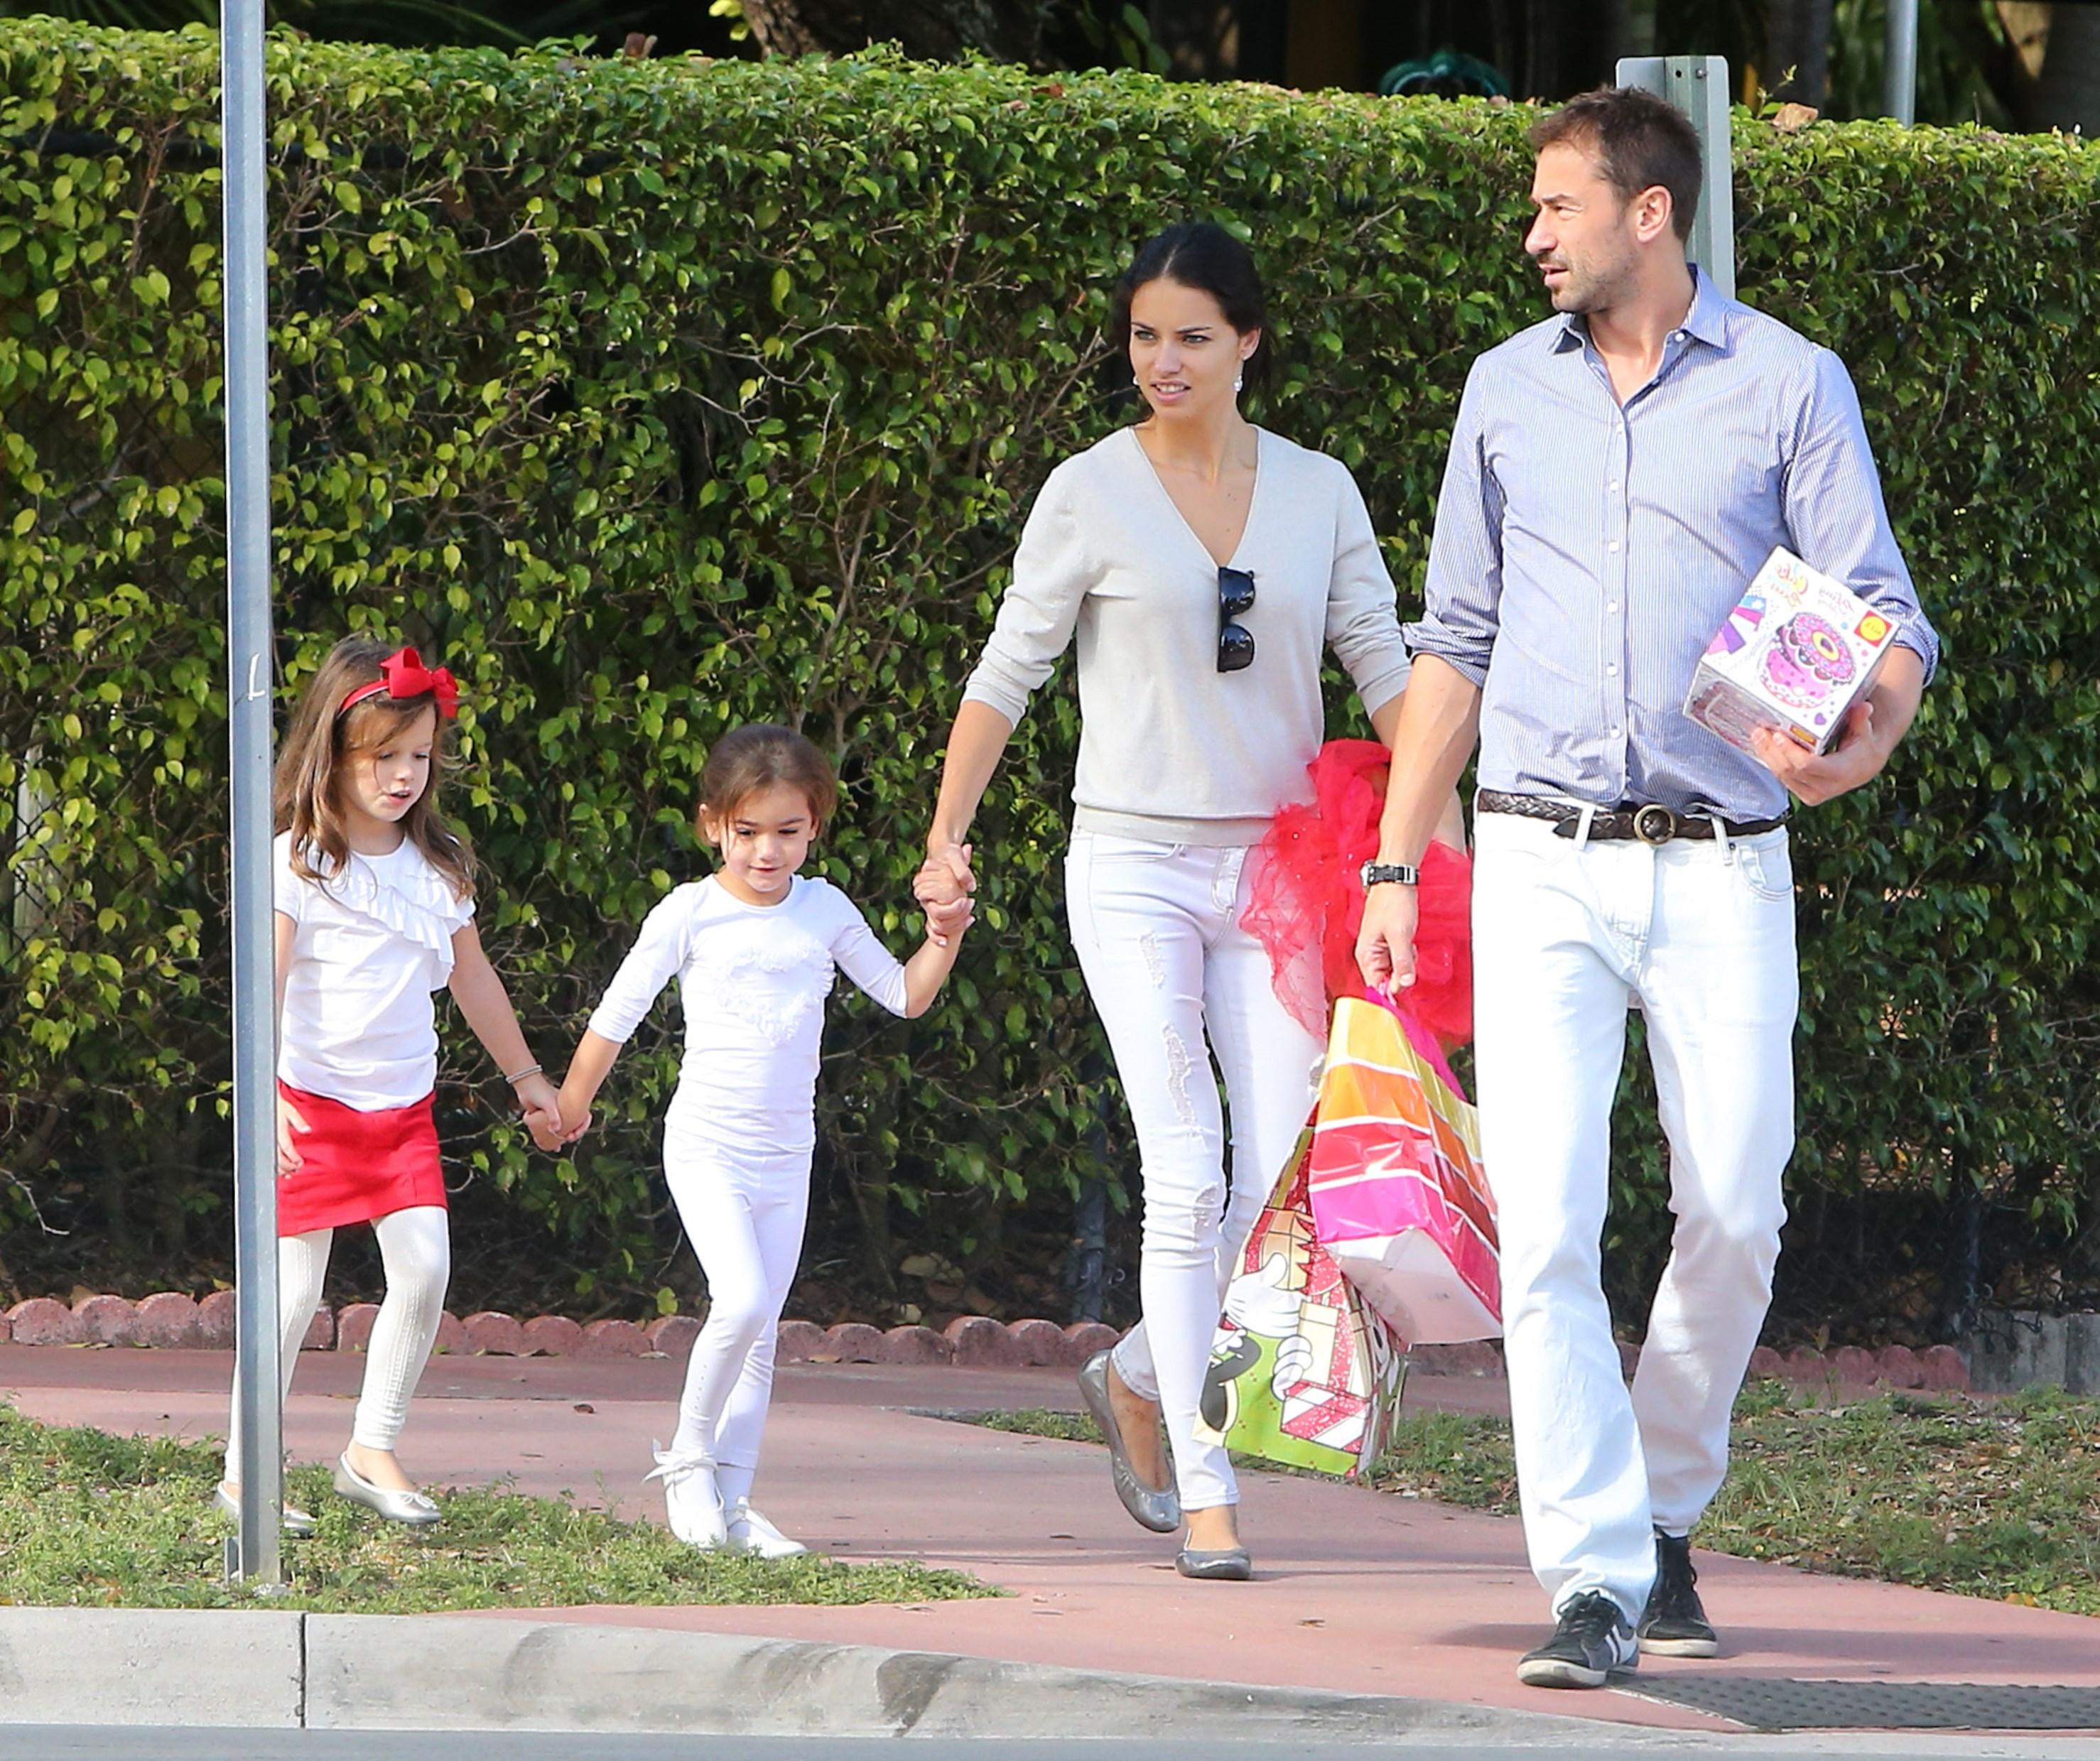 Adriana Lima Family